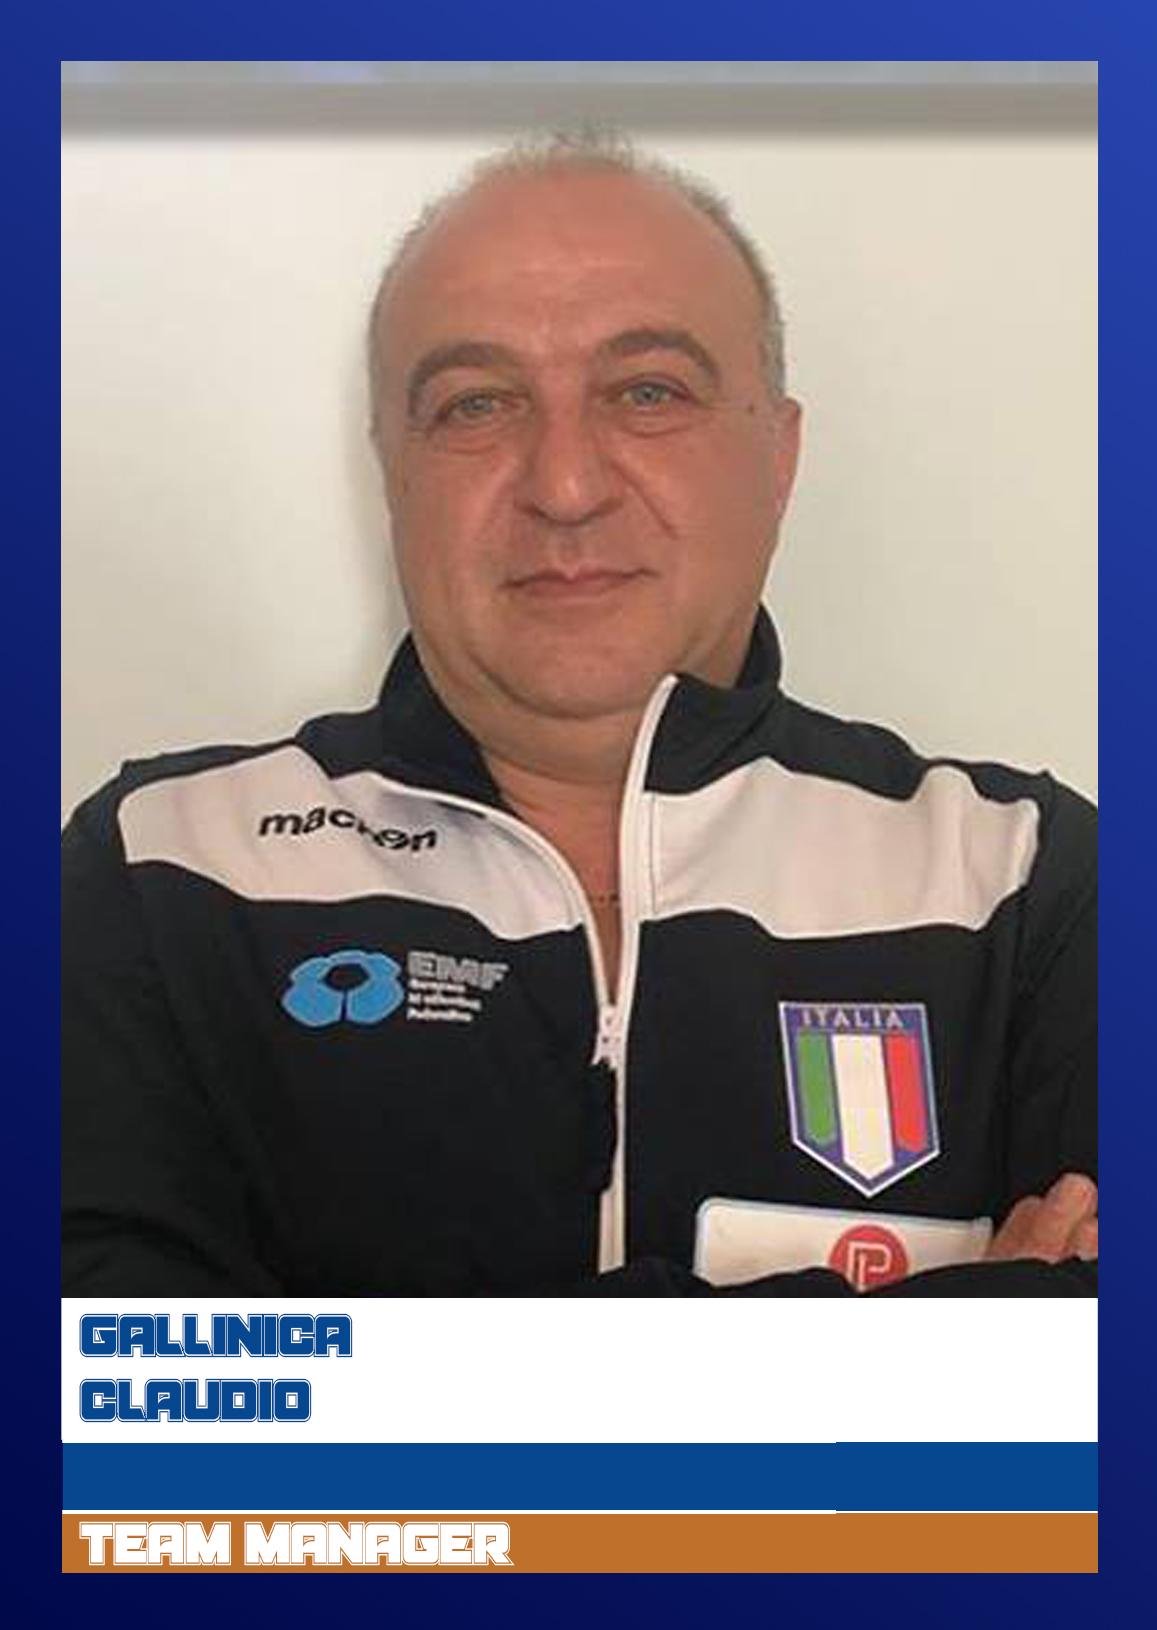 Claudio Gallinica